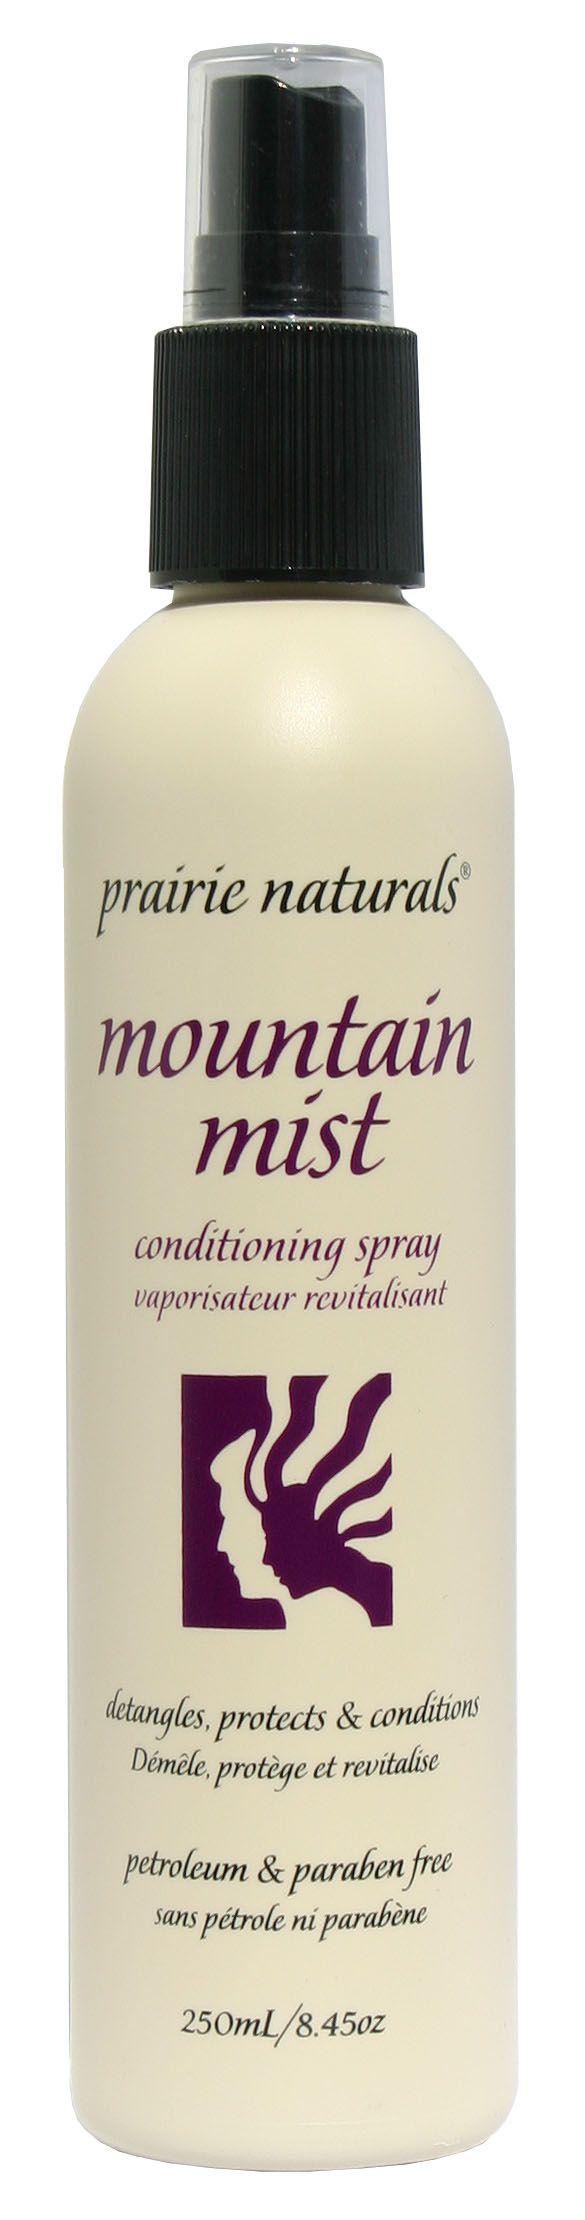 Mountain Mist Conditioning Spray- Read more at: www.prairienaturals.ca